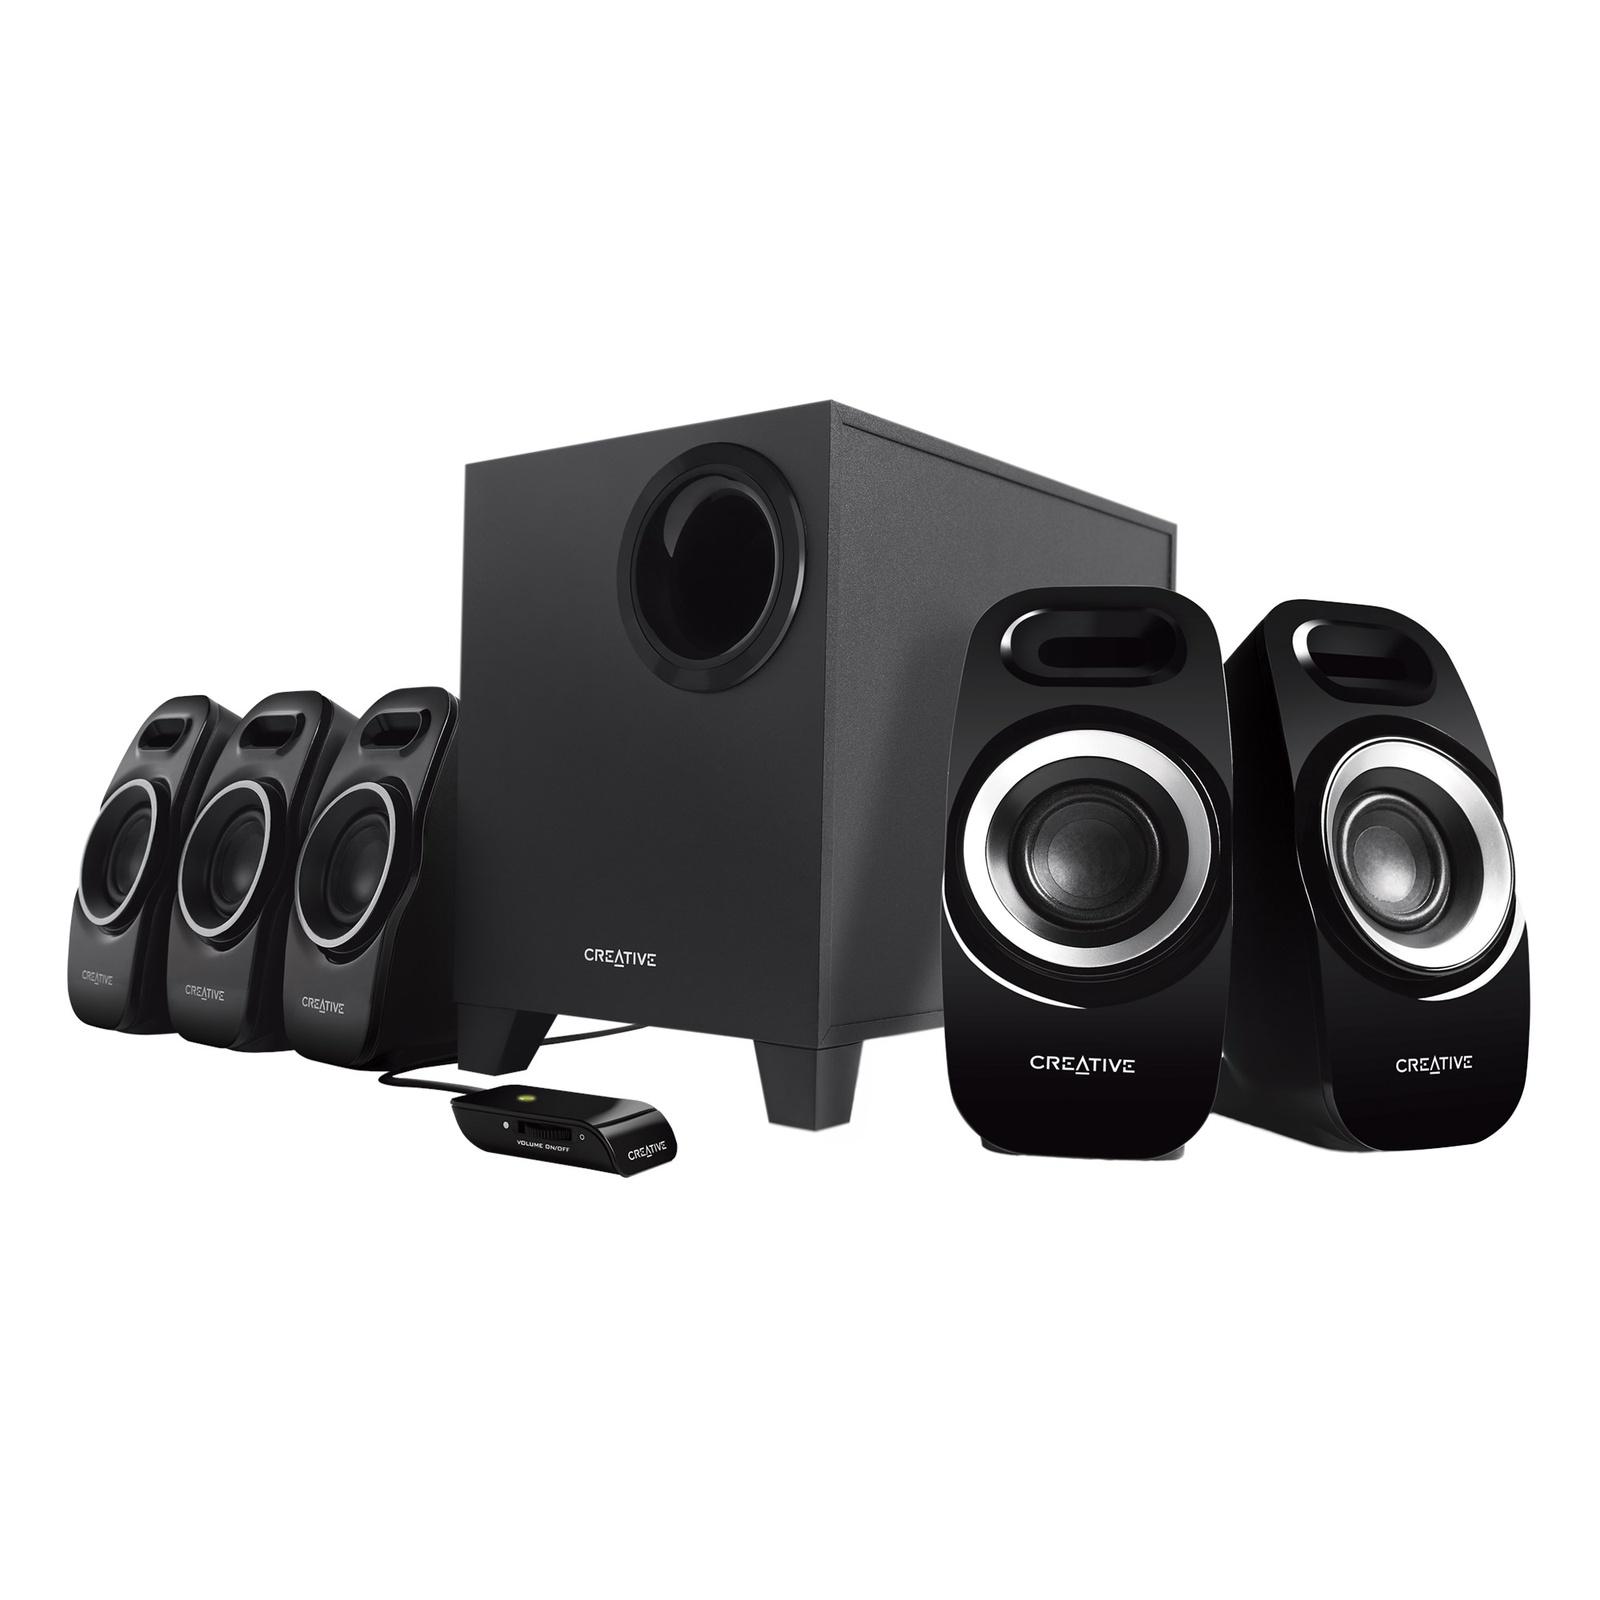 Акустическая система Creative INSPIRE T6300 5.1, Black, 51MF4115AA000, черный акустическая система creative inspire t6300 5 1 black 51mf4115aa000 черный